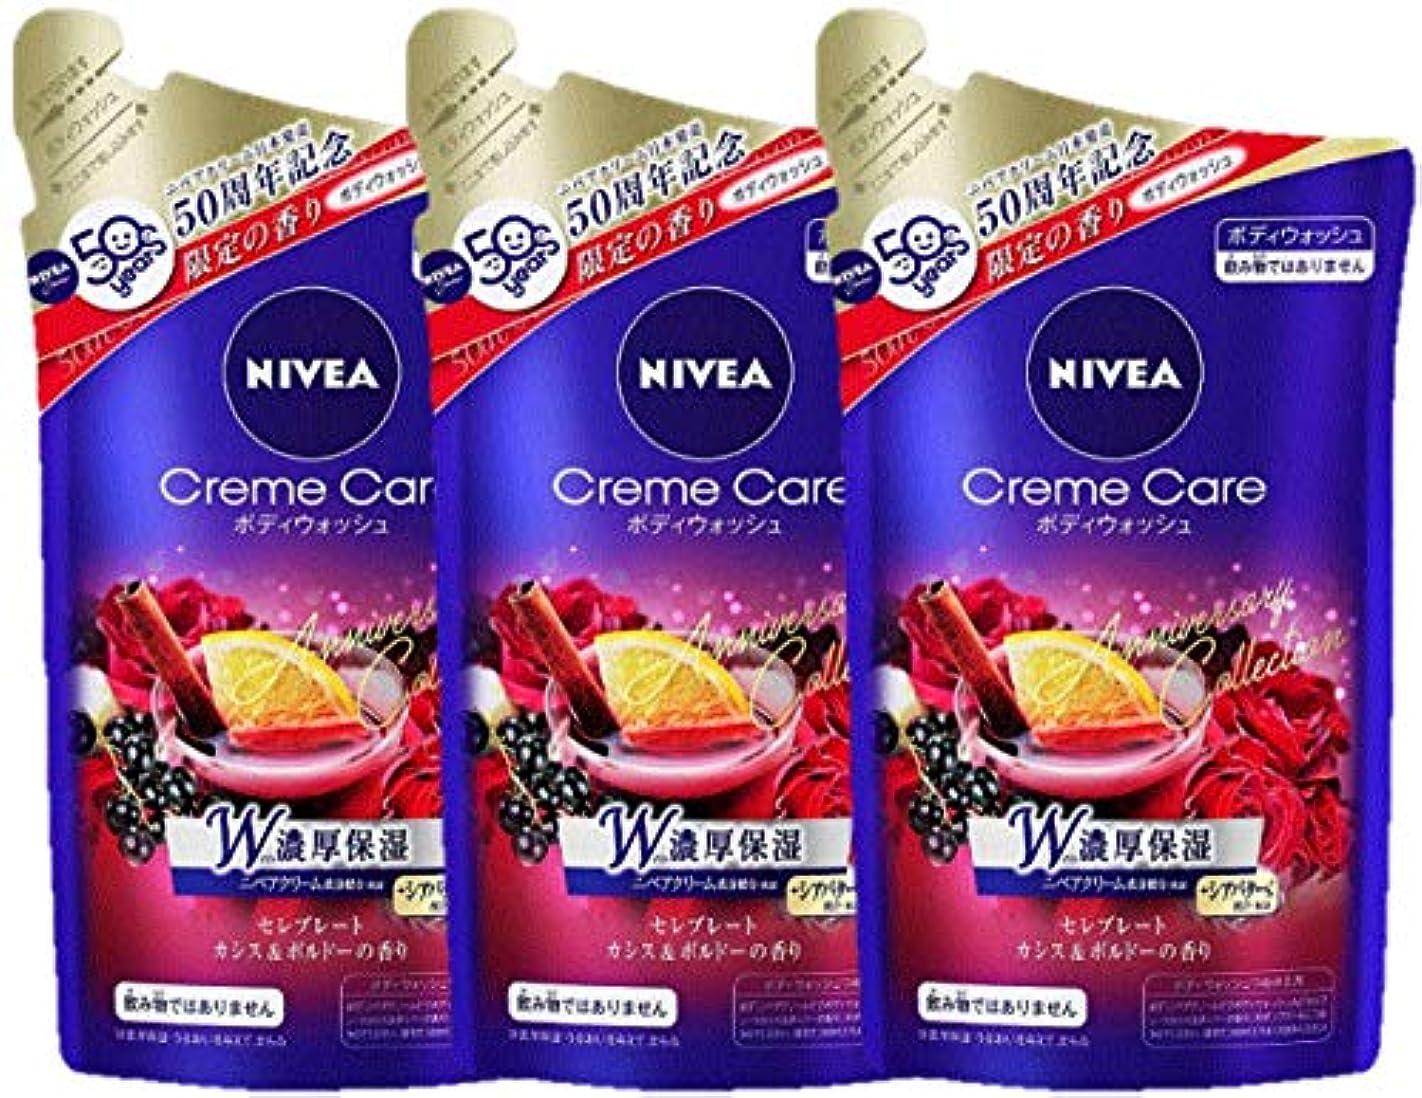 一部ラフエンジニア【まとめ買い】日本発売50周年記念 限定の香り ニベア クリームケア ボディウォッシュ セレブレート カシス&ボルドーの香り つめかえ用360ml×3個